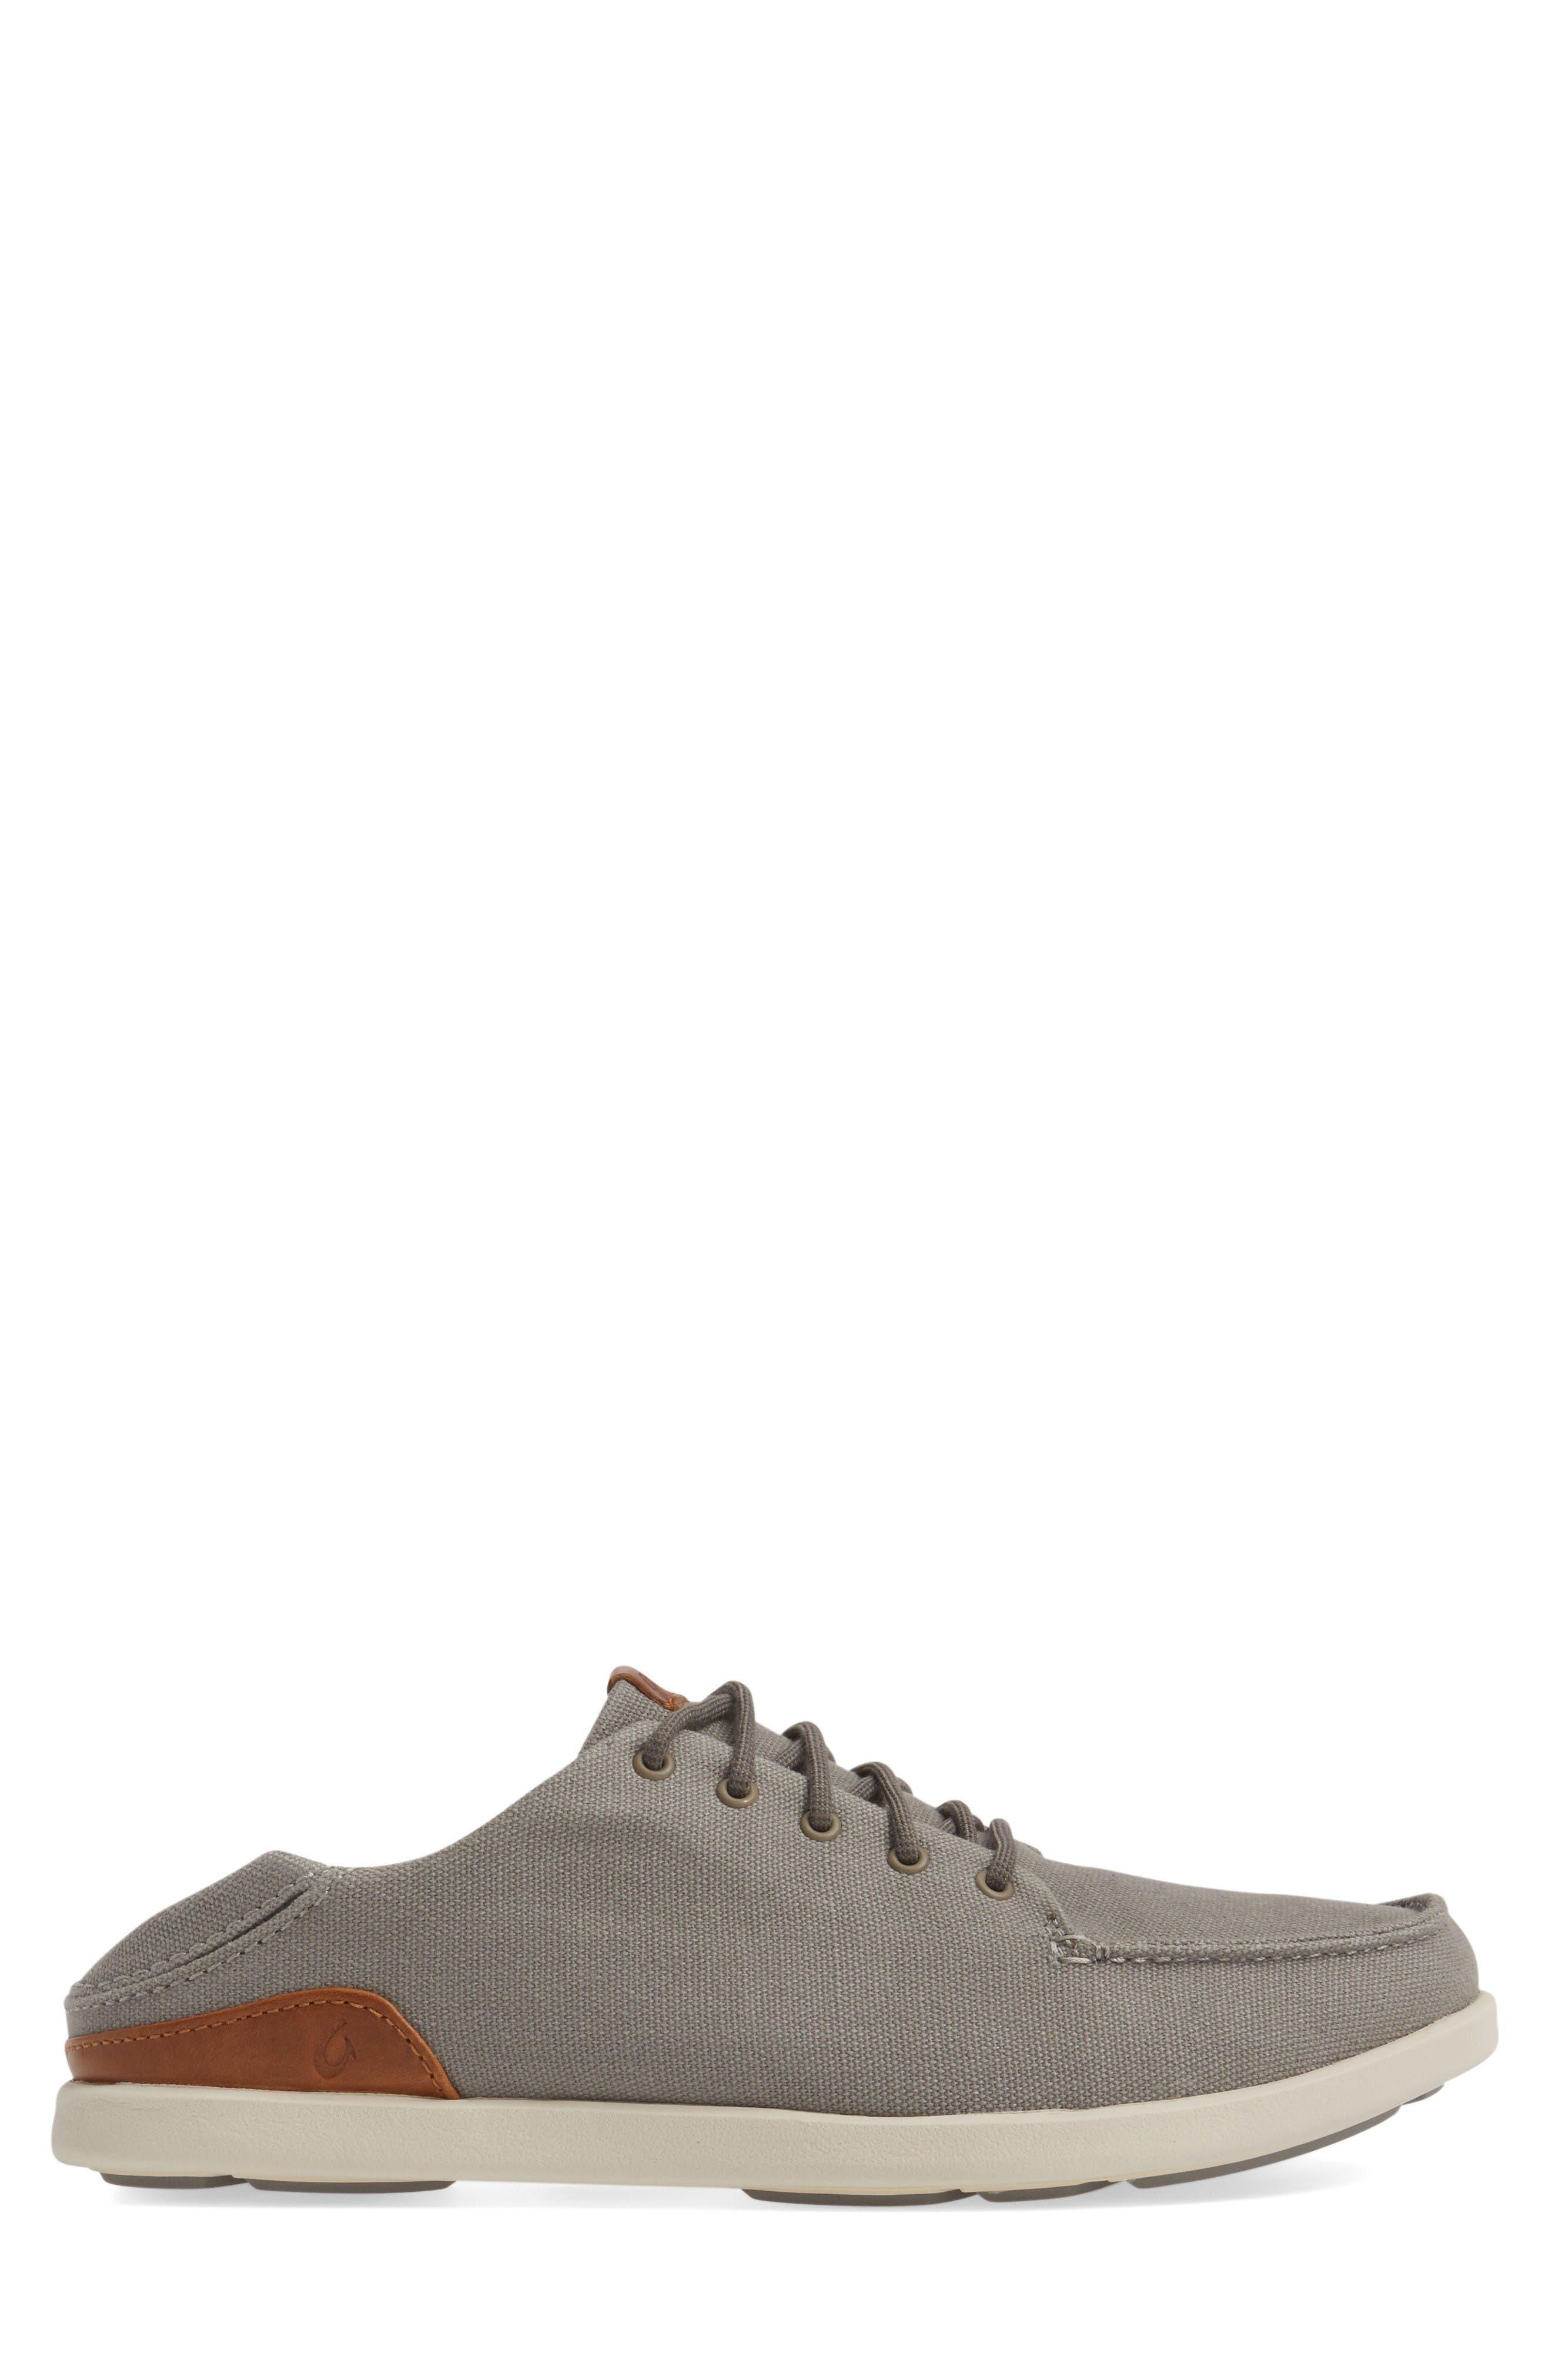 Alternate Image 3  - OluKai Manoa Sneaker (Men)